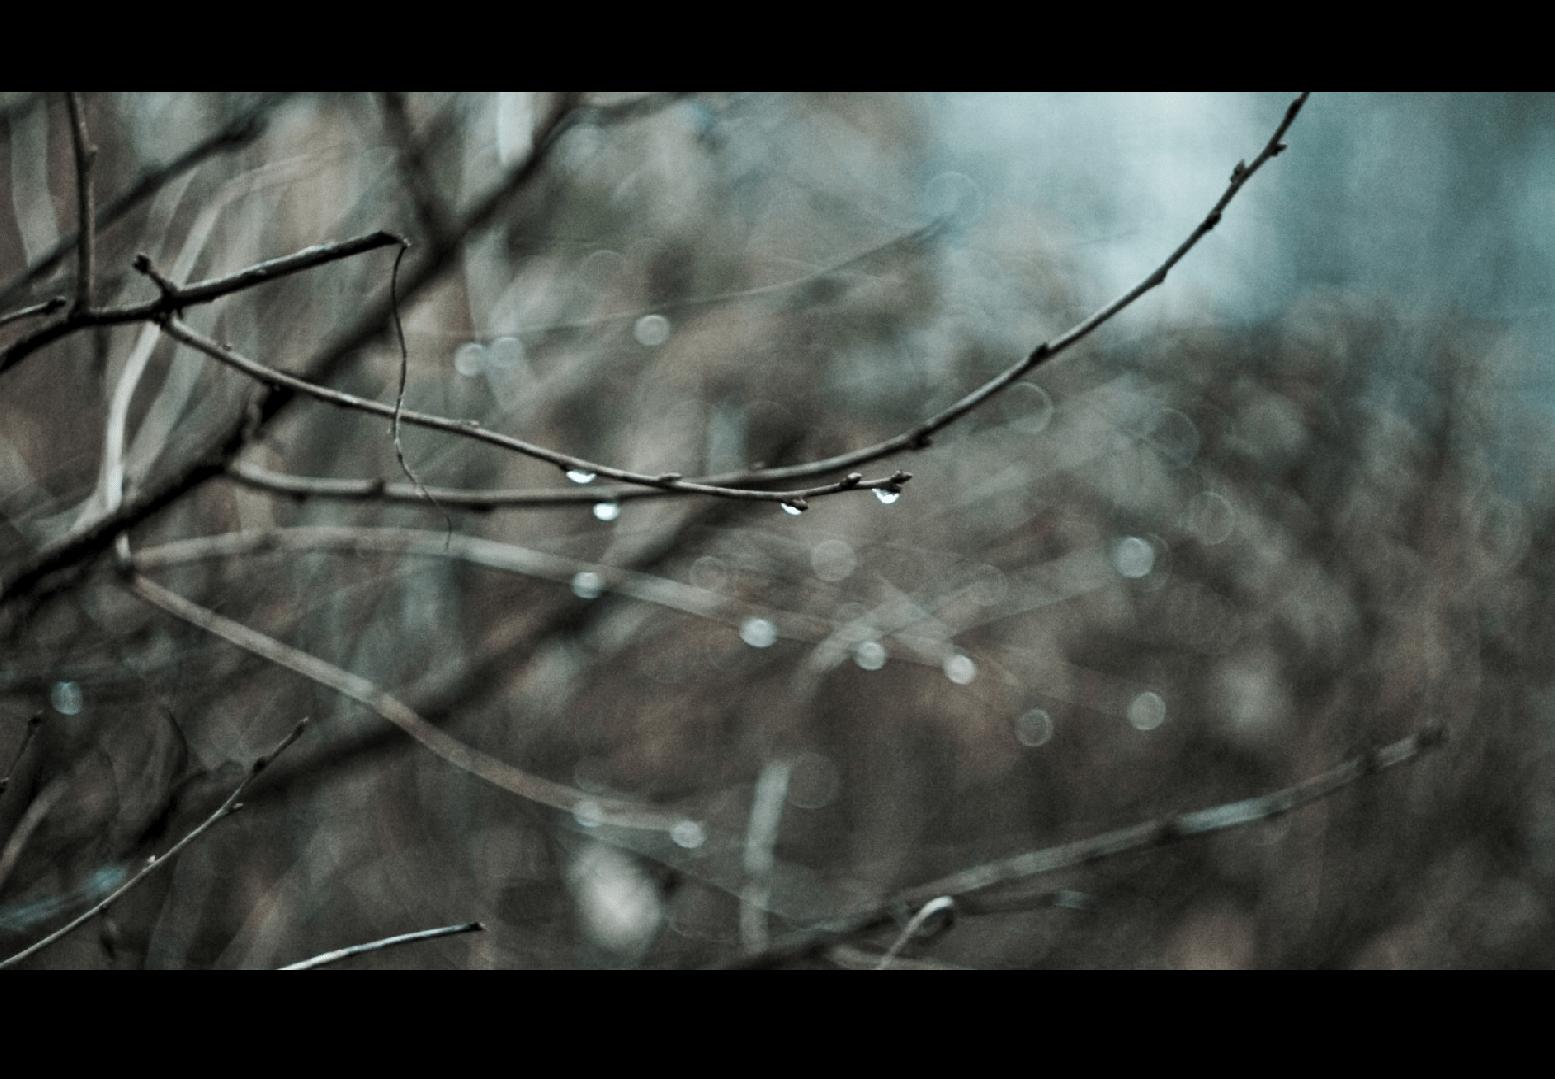 Lipcowa : Deszcze Jesienny według Leopolda Staffa